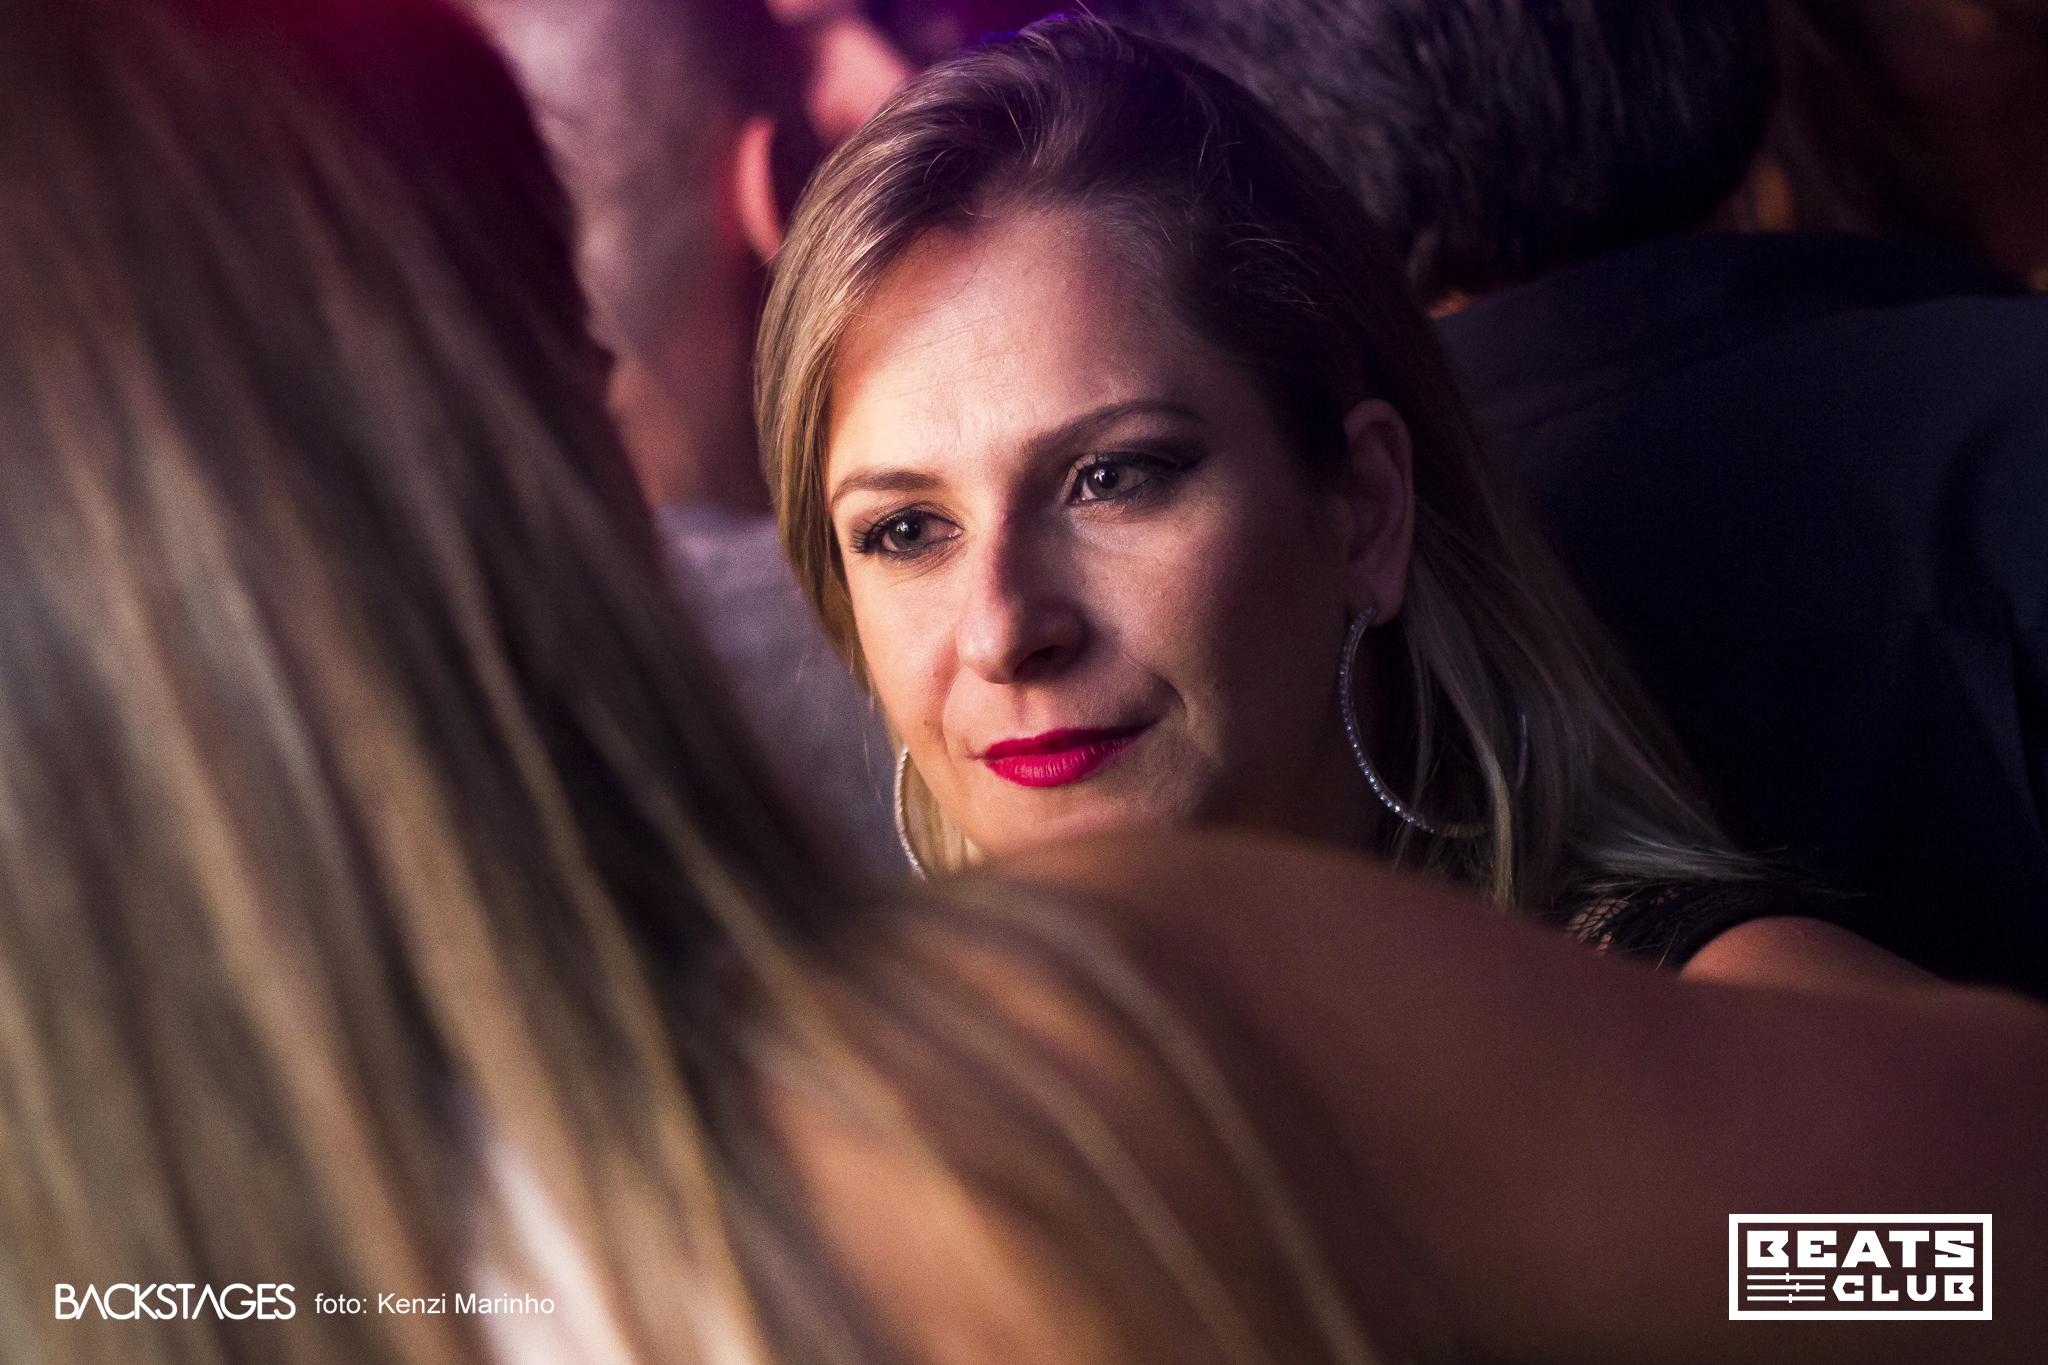 Beats Club - Inauguração 06.05.2017 - Kenzi Marinho (61)